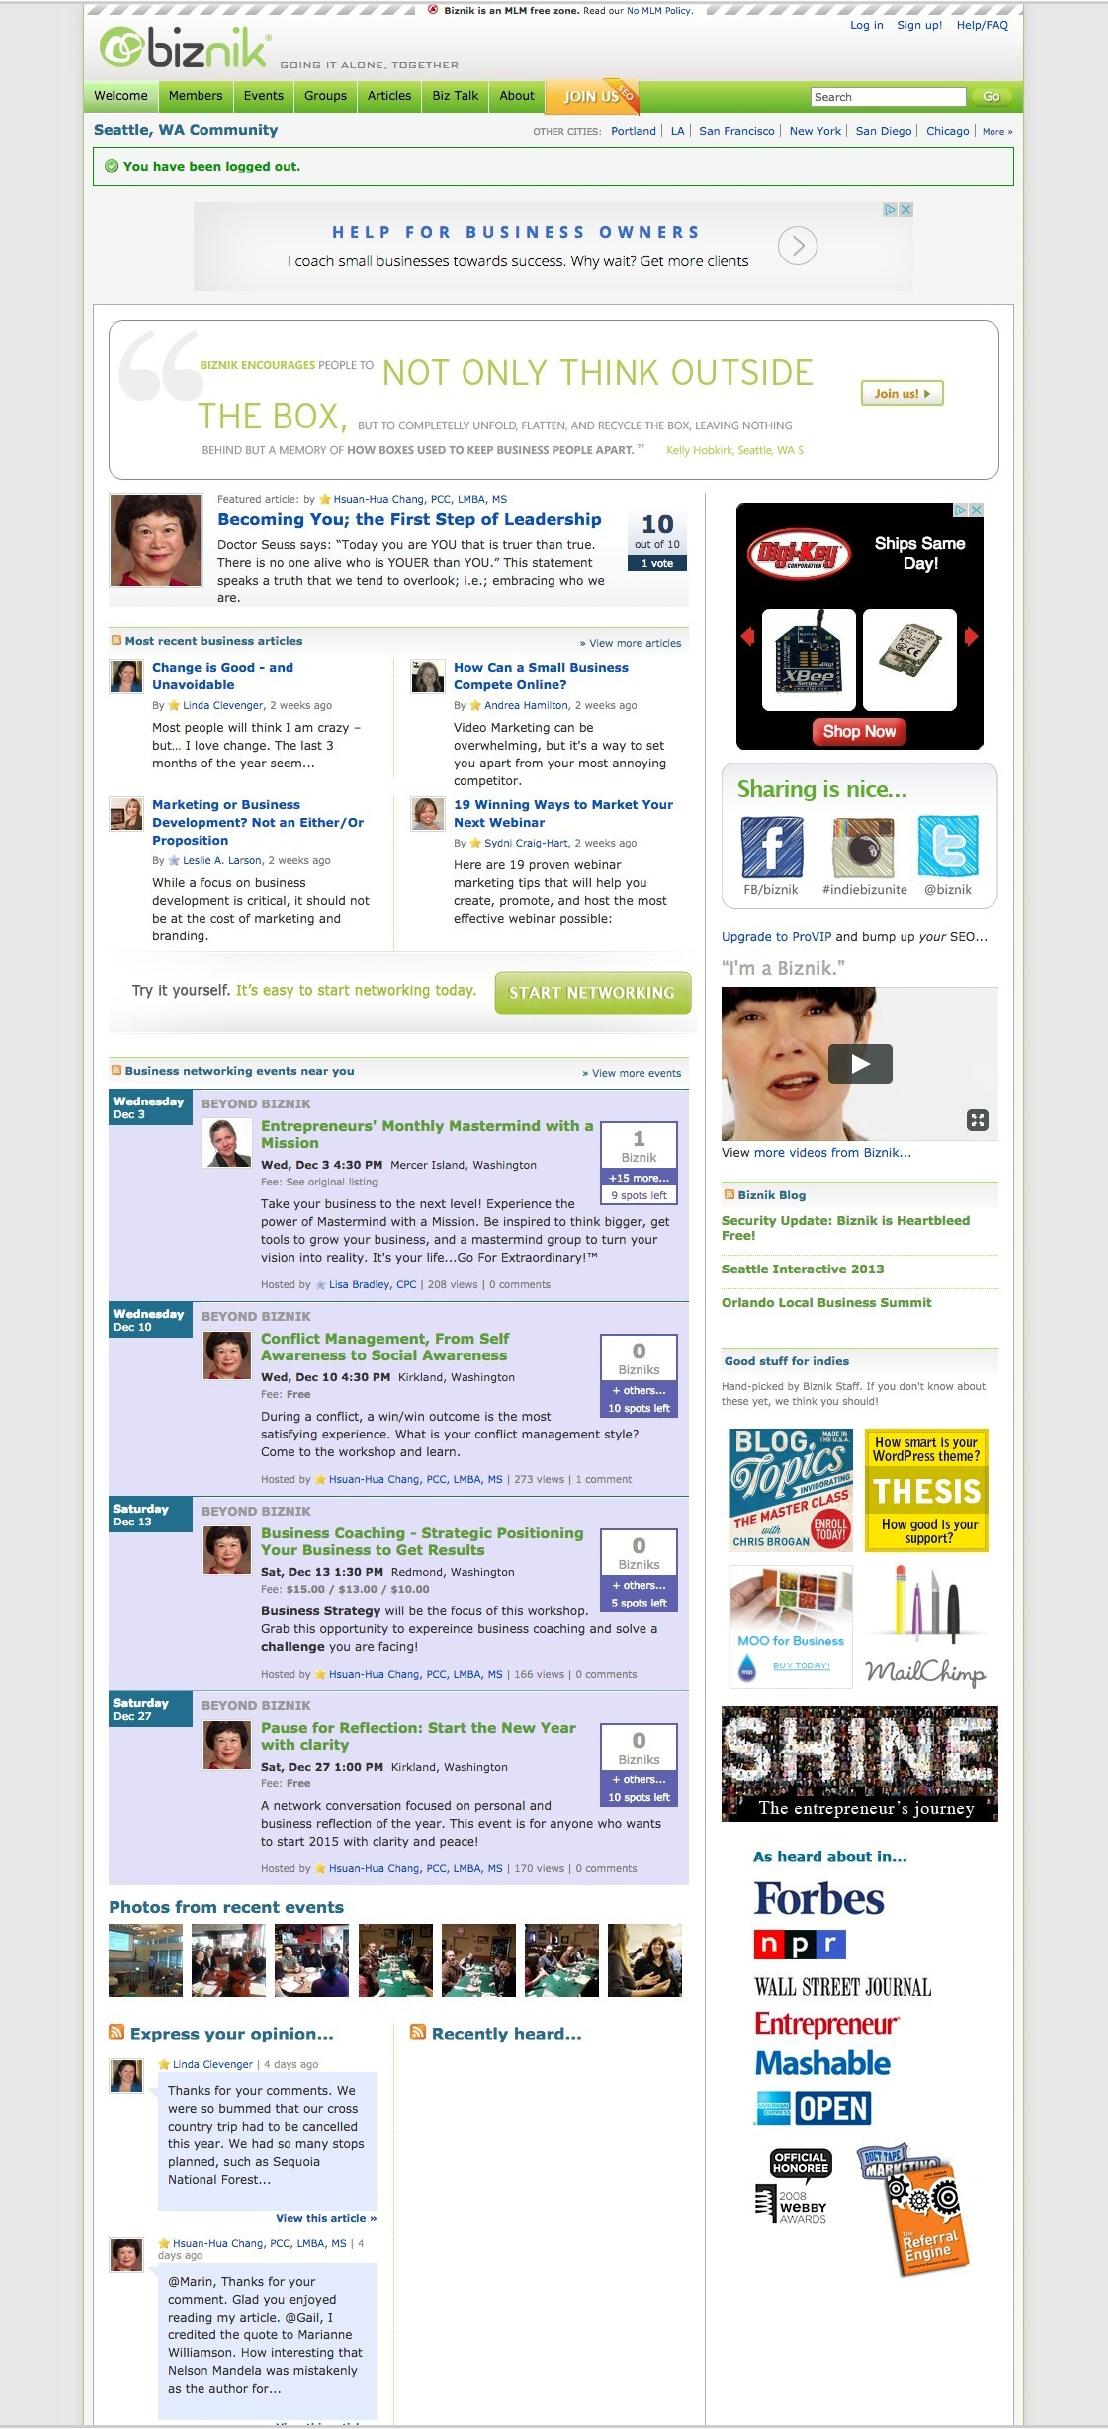 Biznik Home page